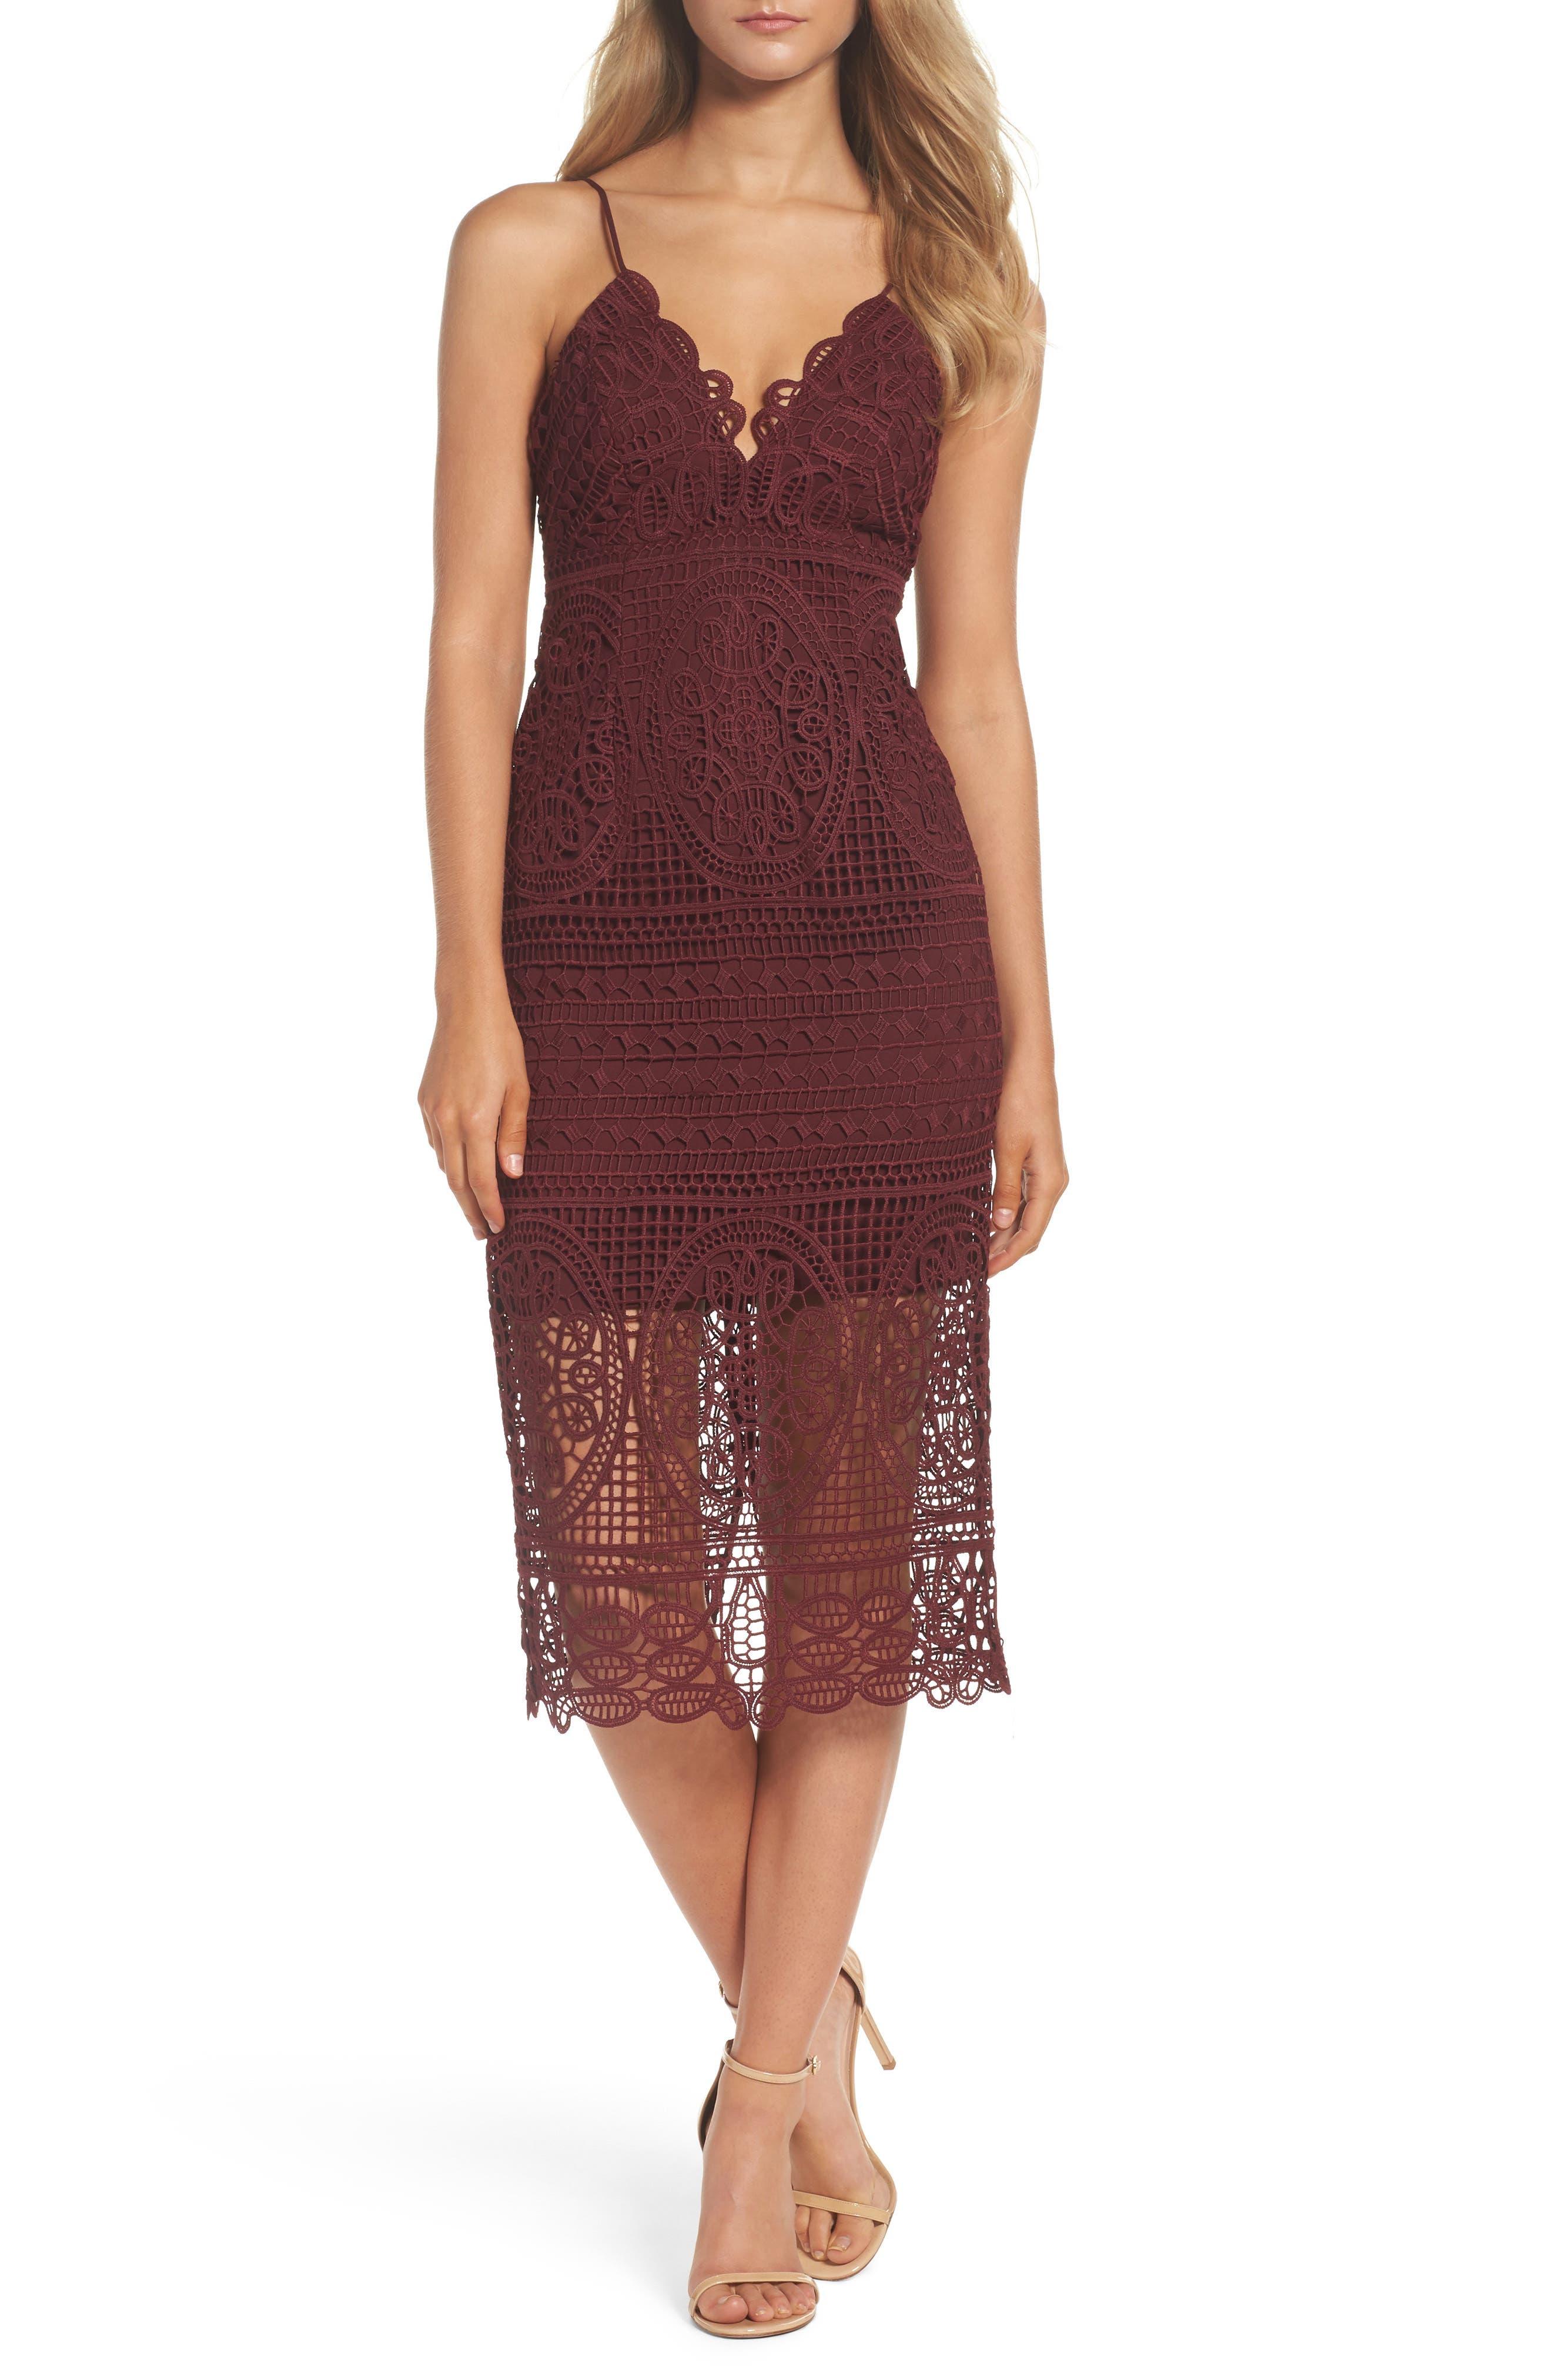 Versailles Lace Pencil Dress,                             Main thumbnail 1, color,                             502